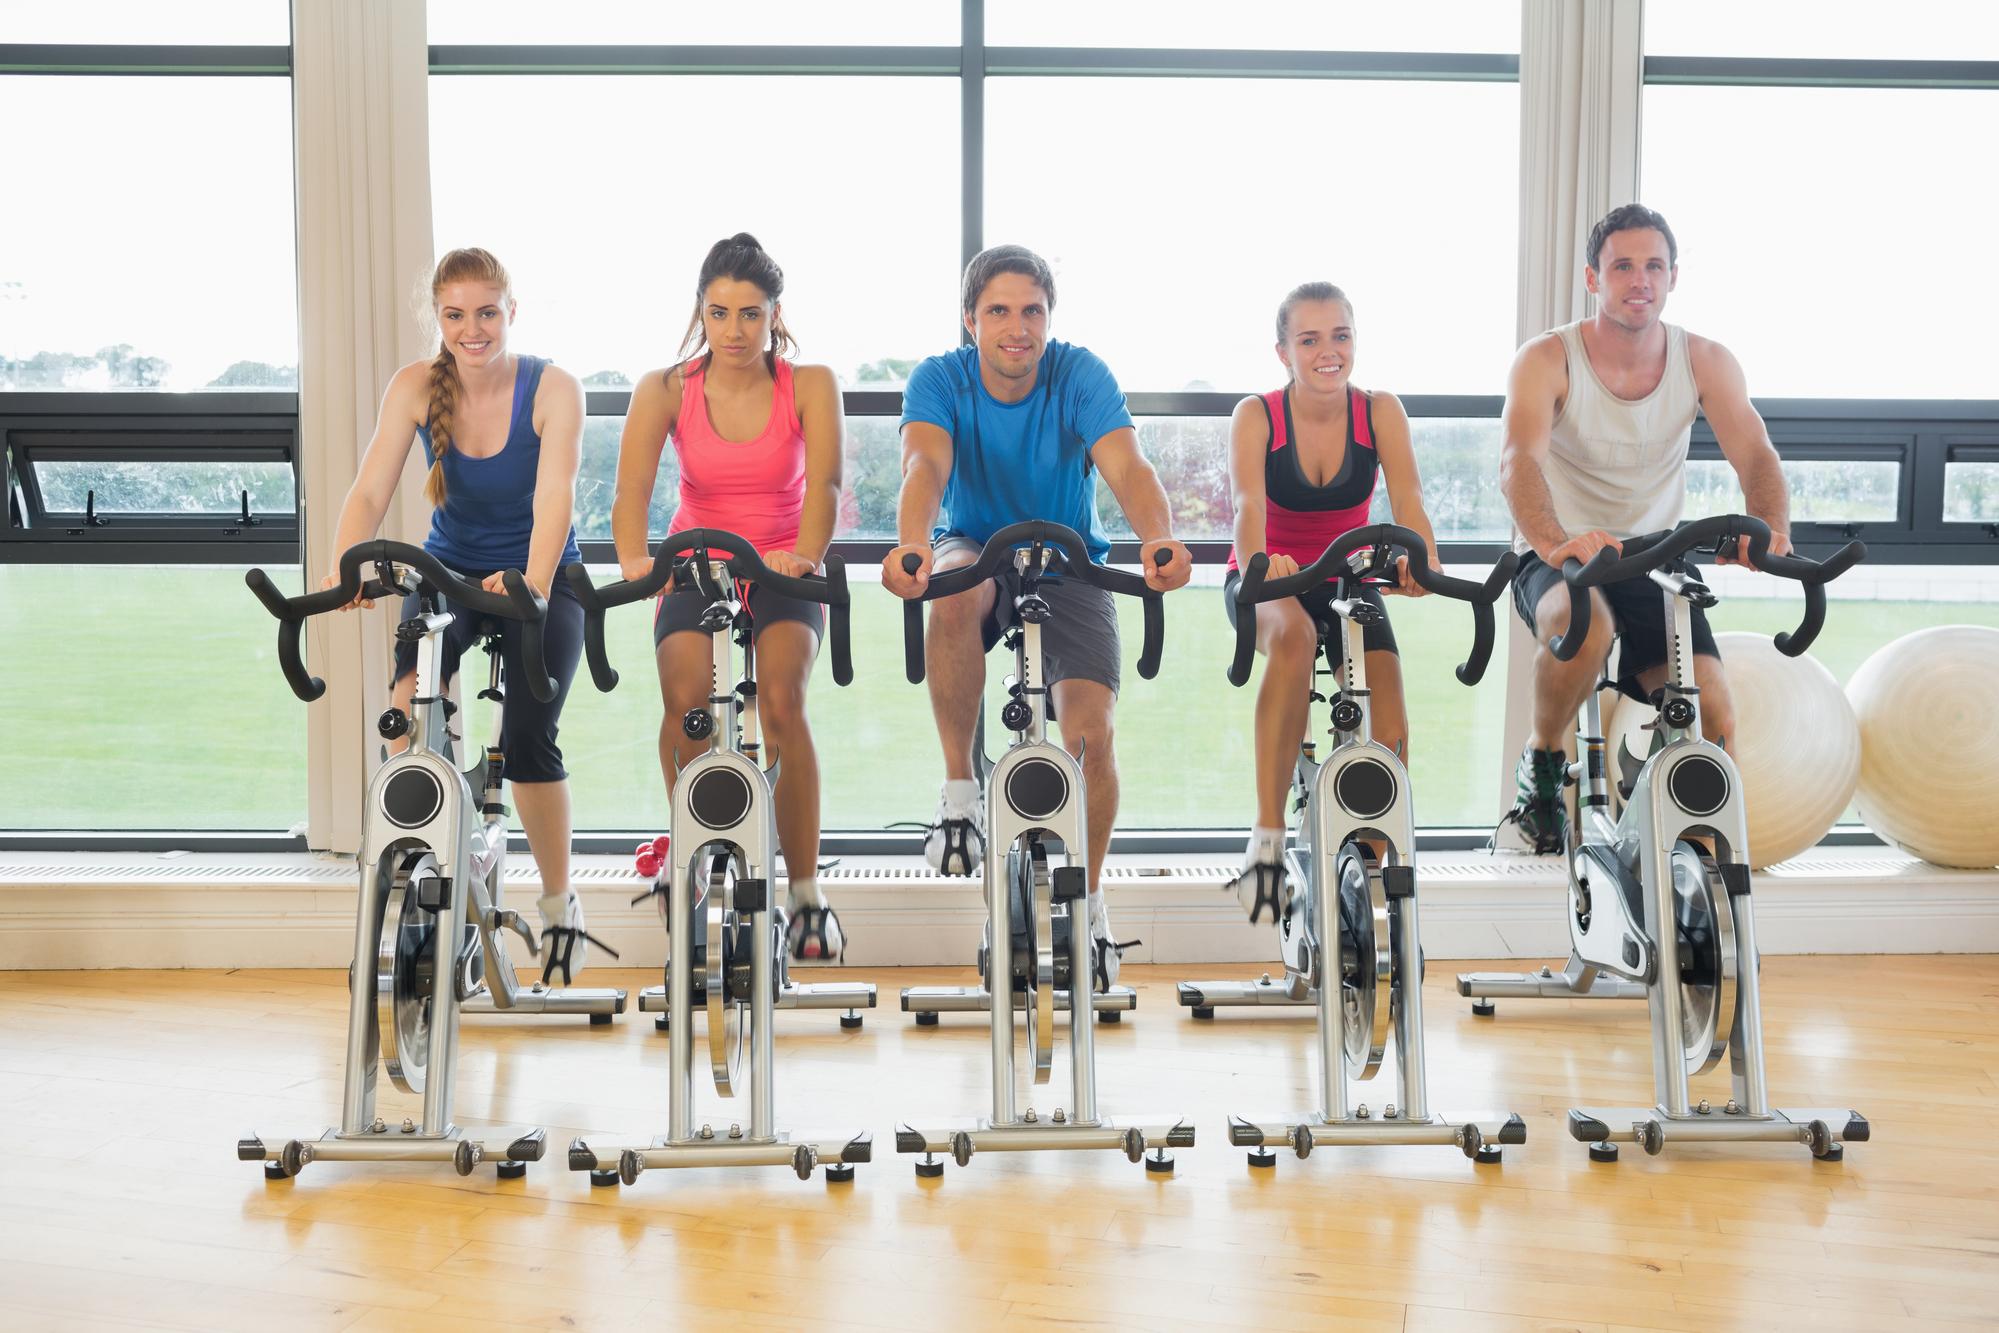 Программа тренировок для похудения на велосипеде